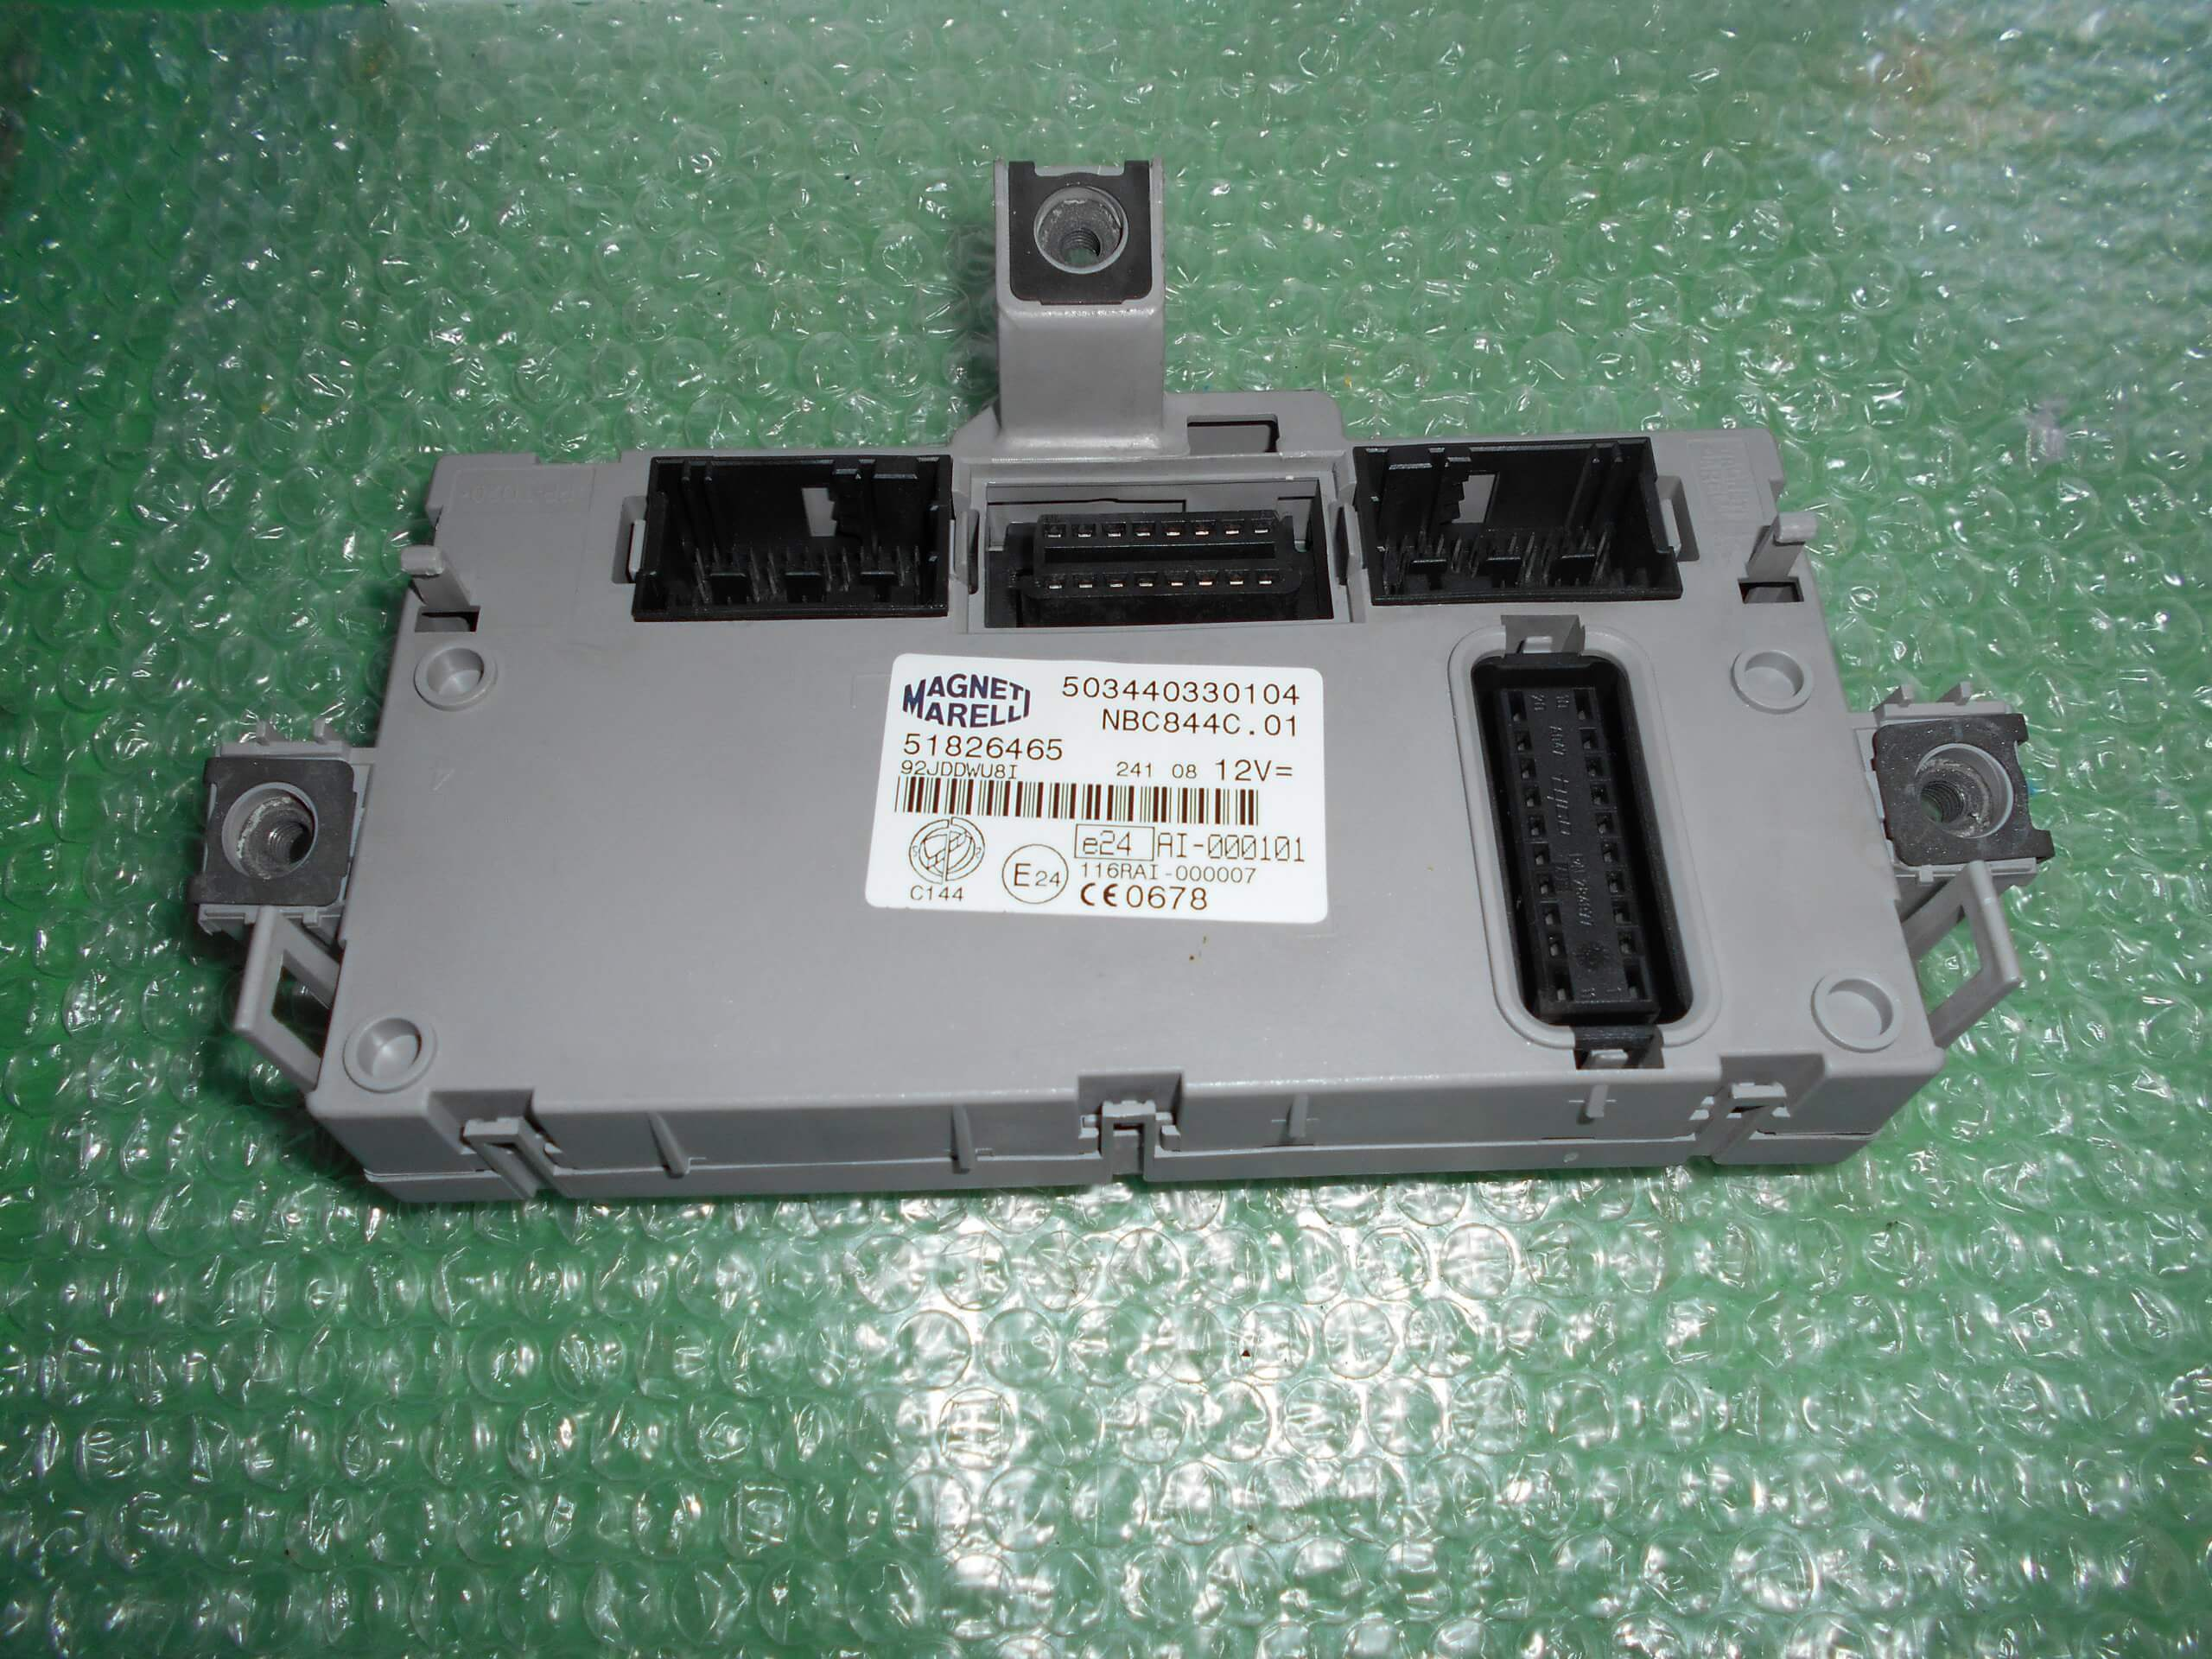 MODULO BODY COMPUTER 51826465 – MAGNETI MARELLI 503440330104 LANCIA DELTA (2008-2014)